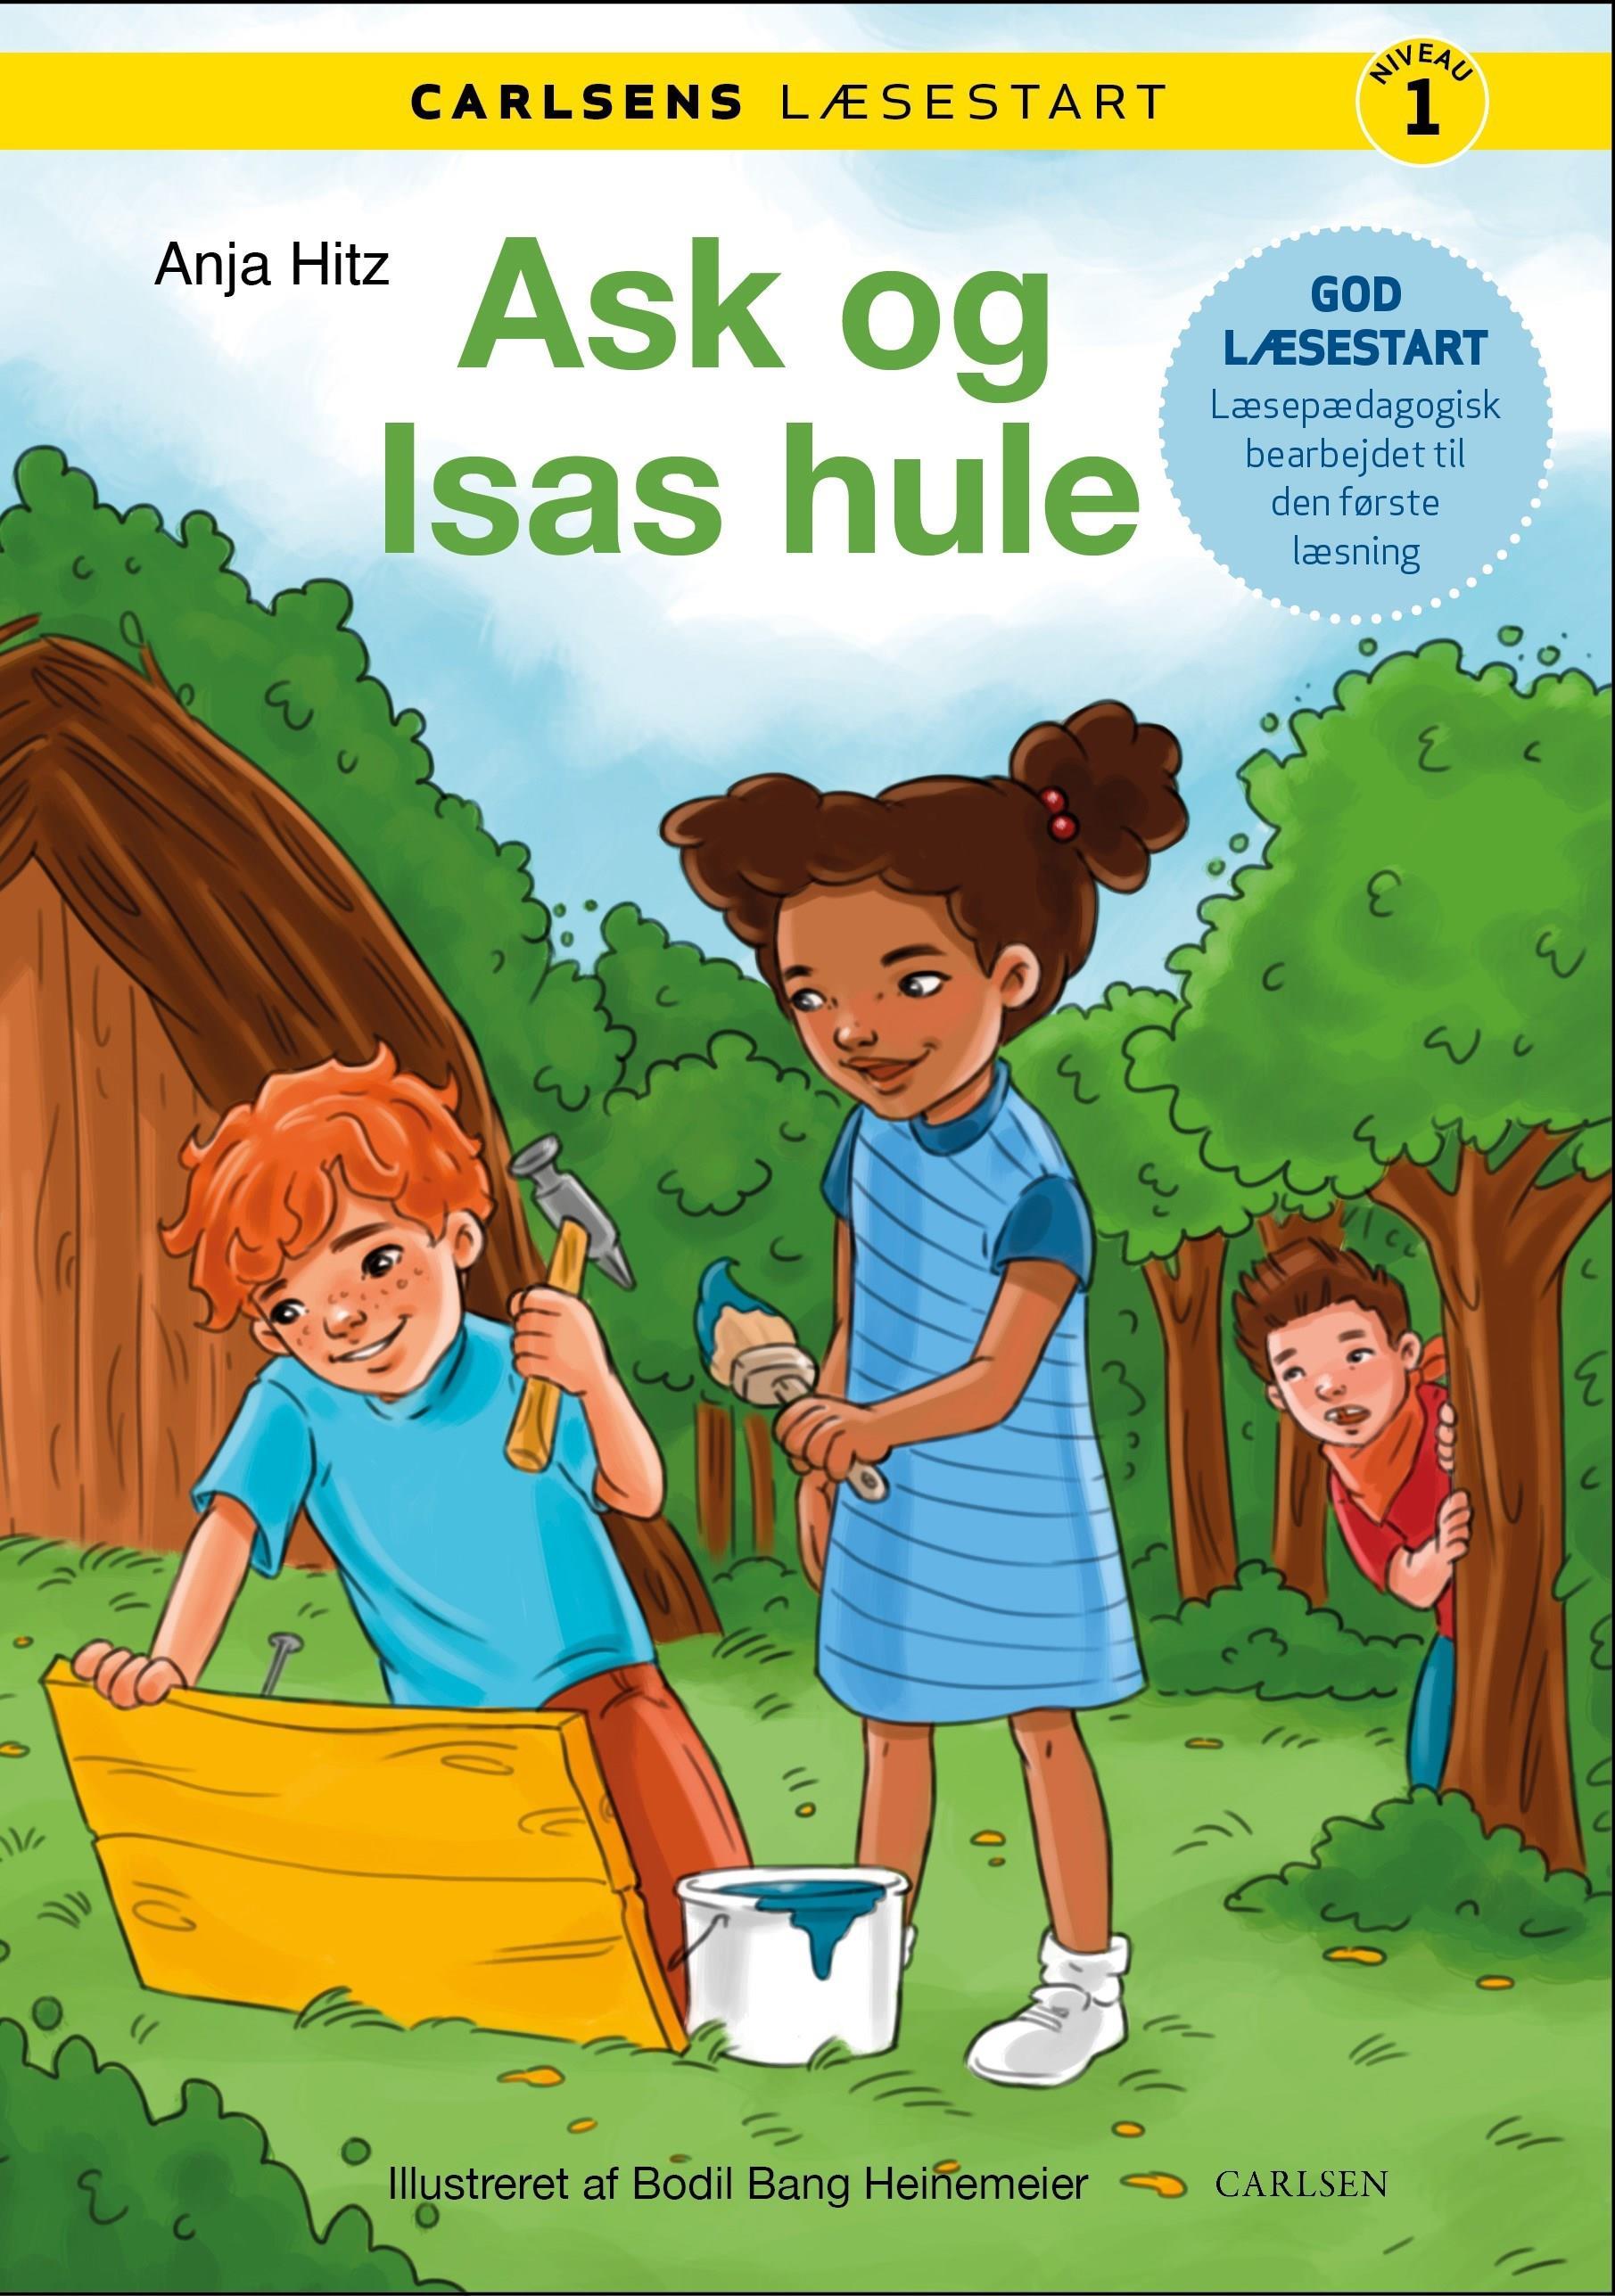 Carlsens Læsestart: Carlsens læsestart - Ask og Isas hule - Anja Hitz - Bøger - CARLSEN - 9788711983164 - 17. mars 2020